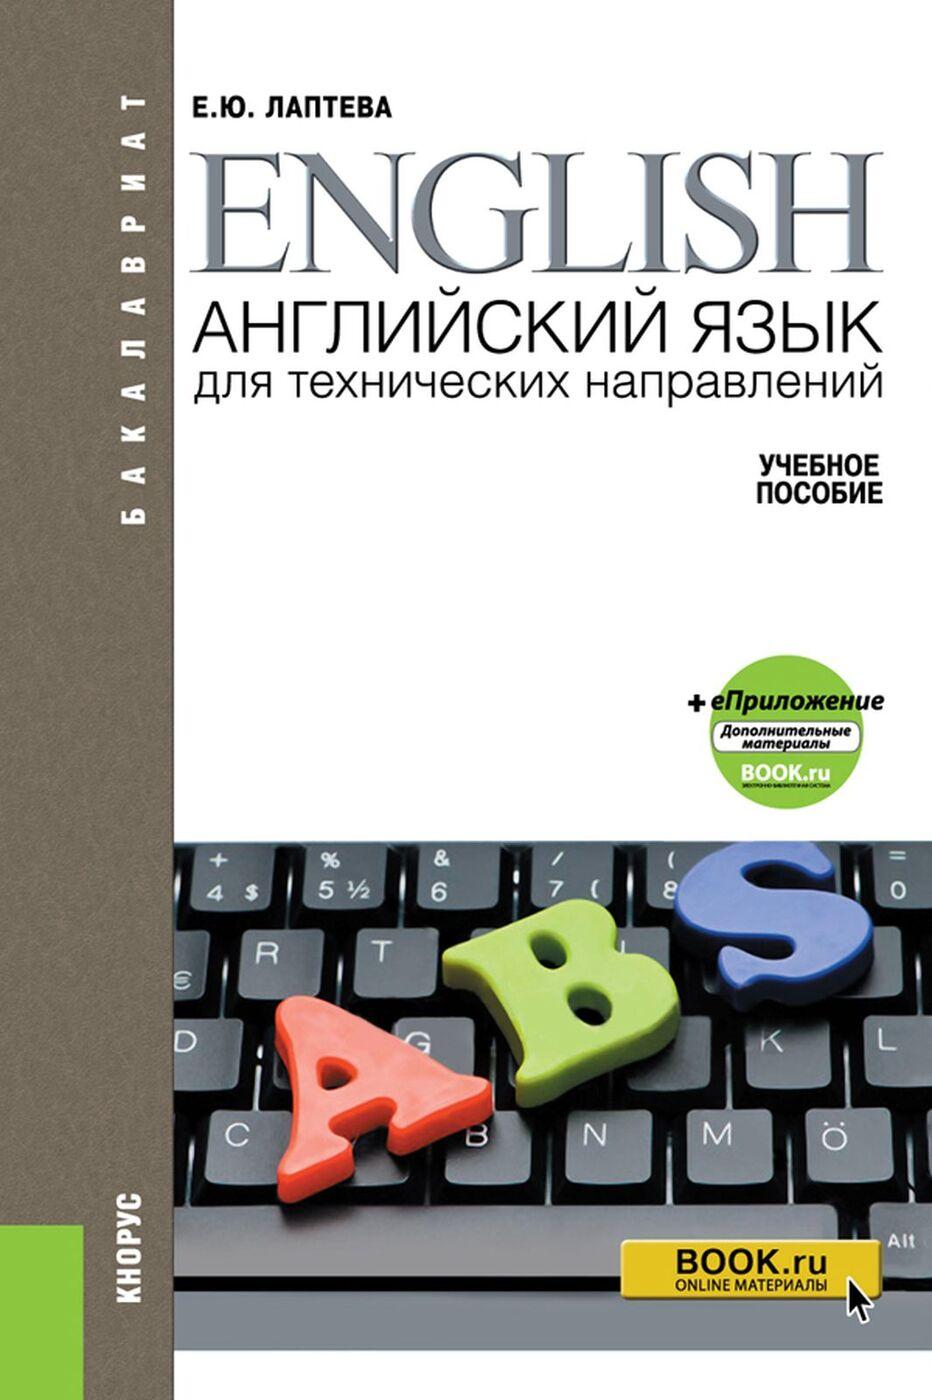 Английский язык для технических направлений. Учебное пособие   Лаптева Елена Юрьевна